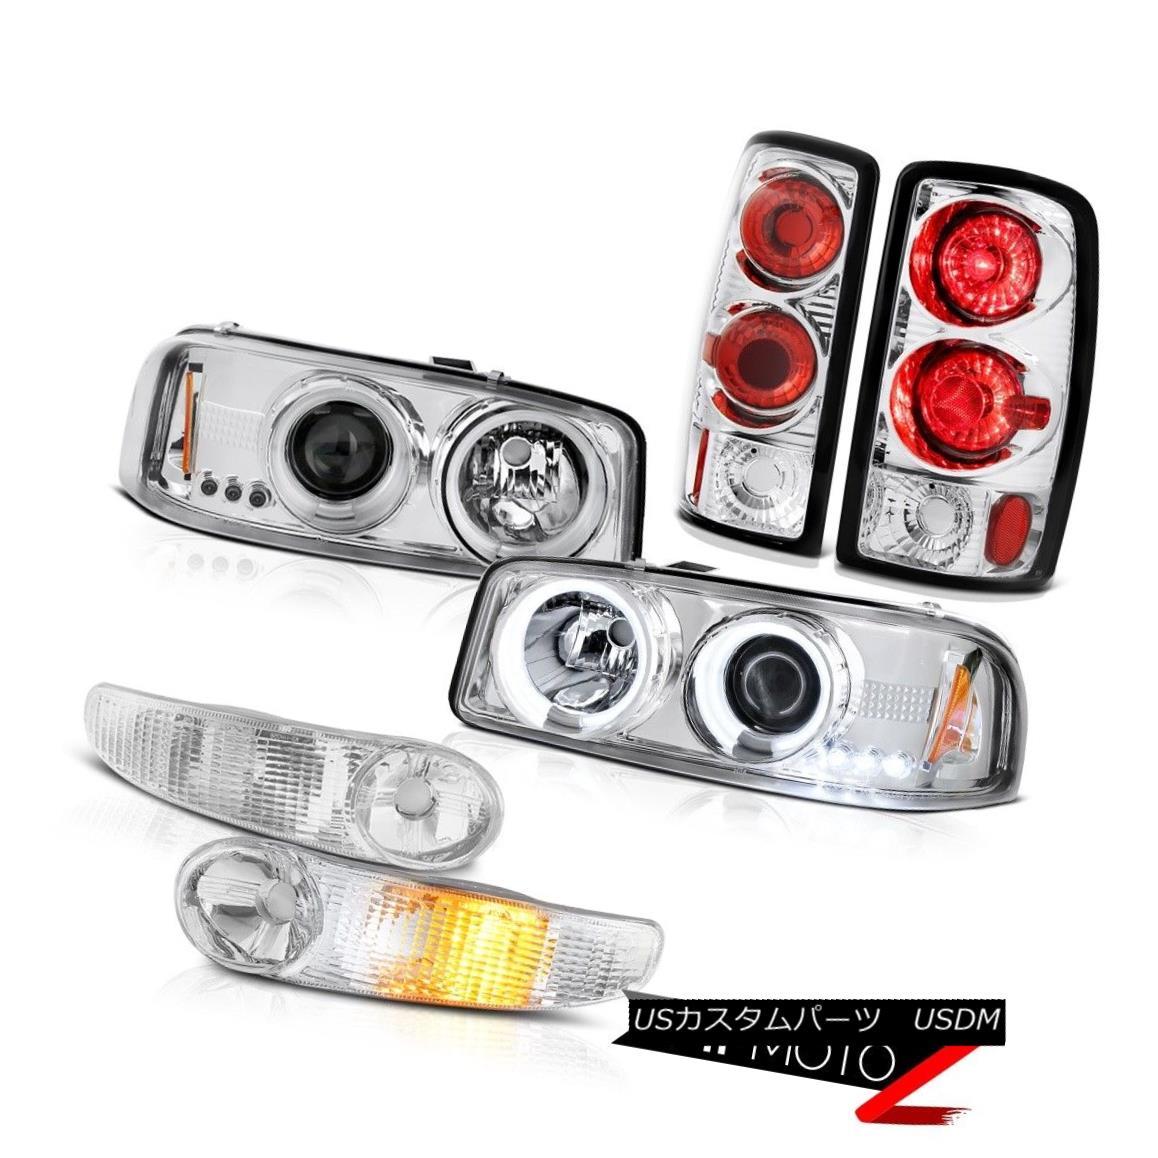 ヘッドライト CCFL Halo Headlight Signal Parking Tail Lights 00 01 02 03 04 05 06 Yukon Denali CCFL Haloヘッドライト信号パーキングテールライト00 01 02 03 04 05 06ユーコンデナリ